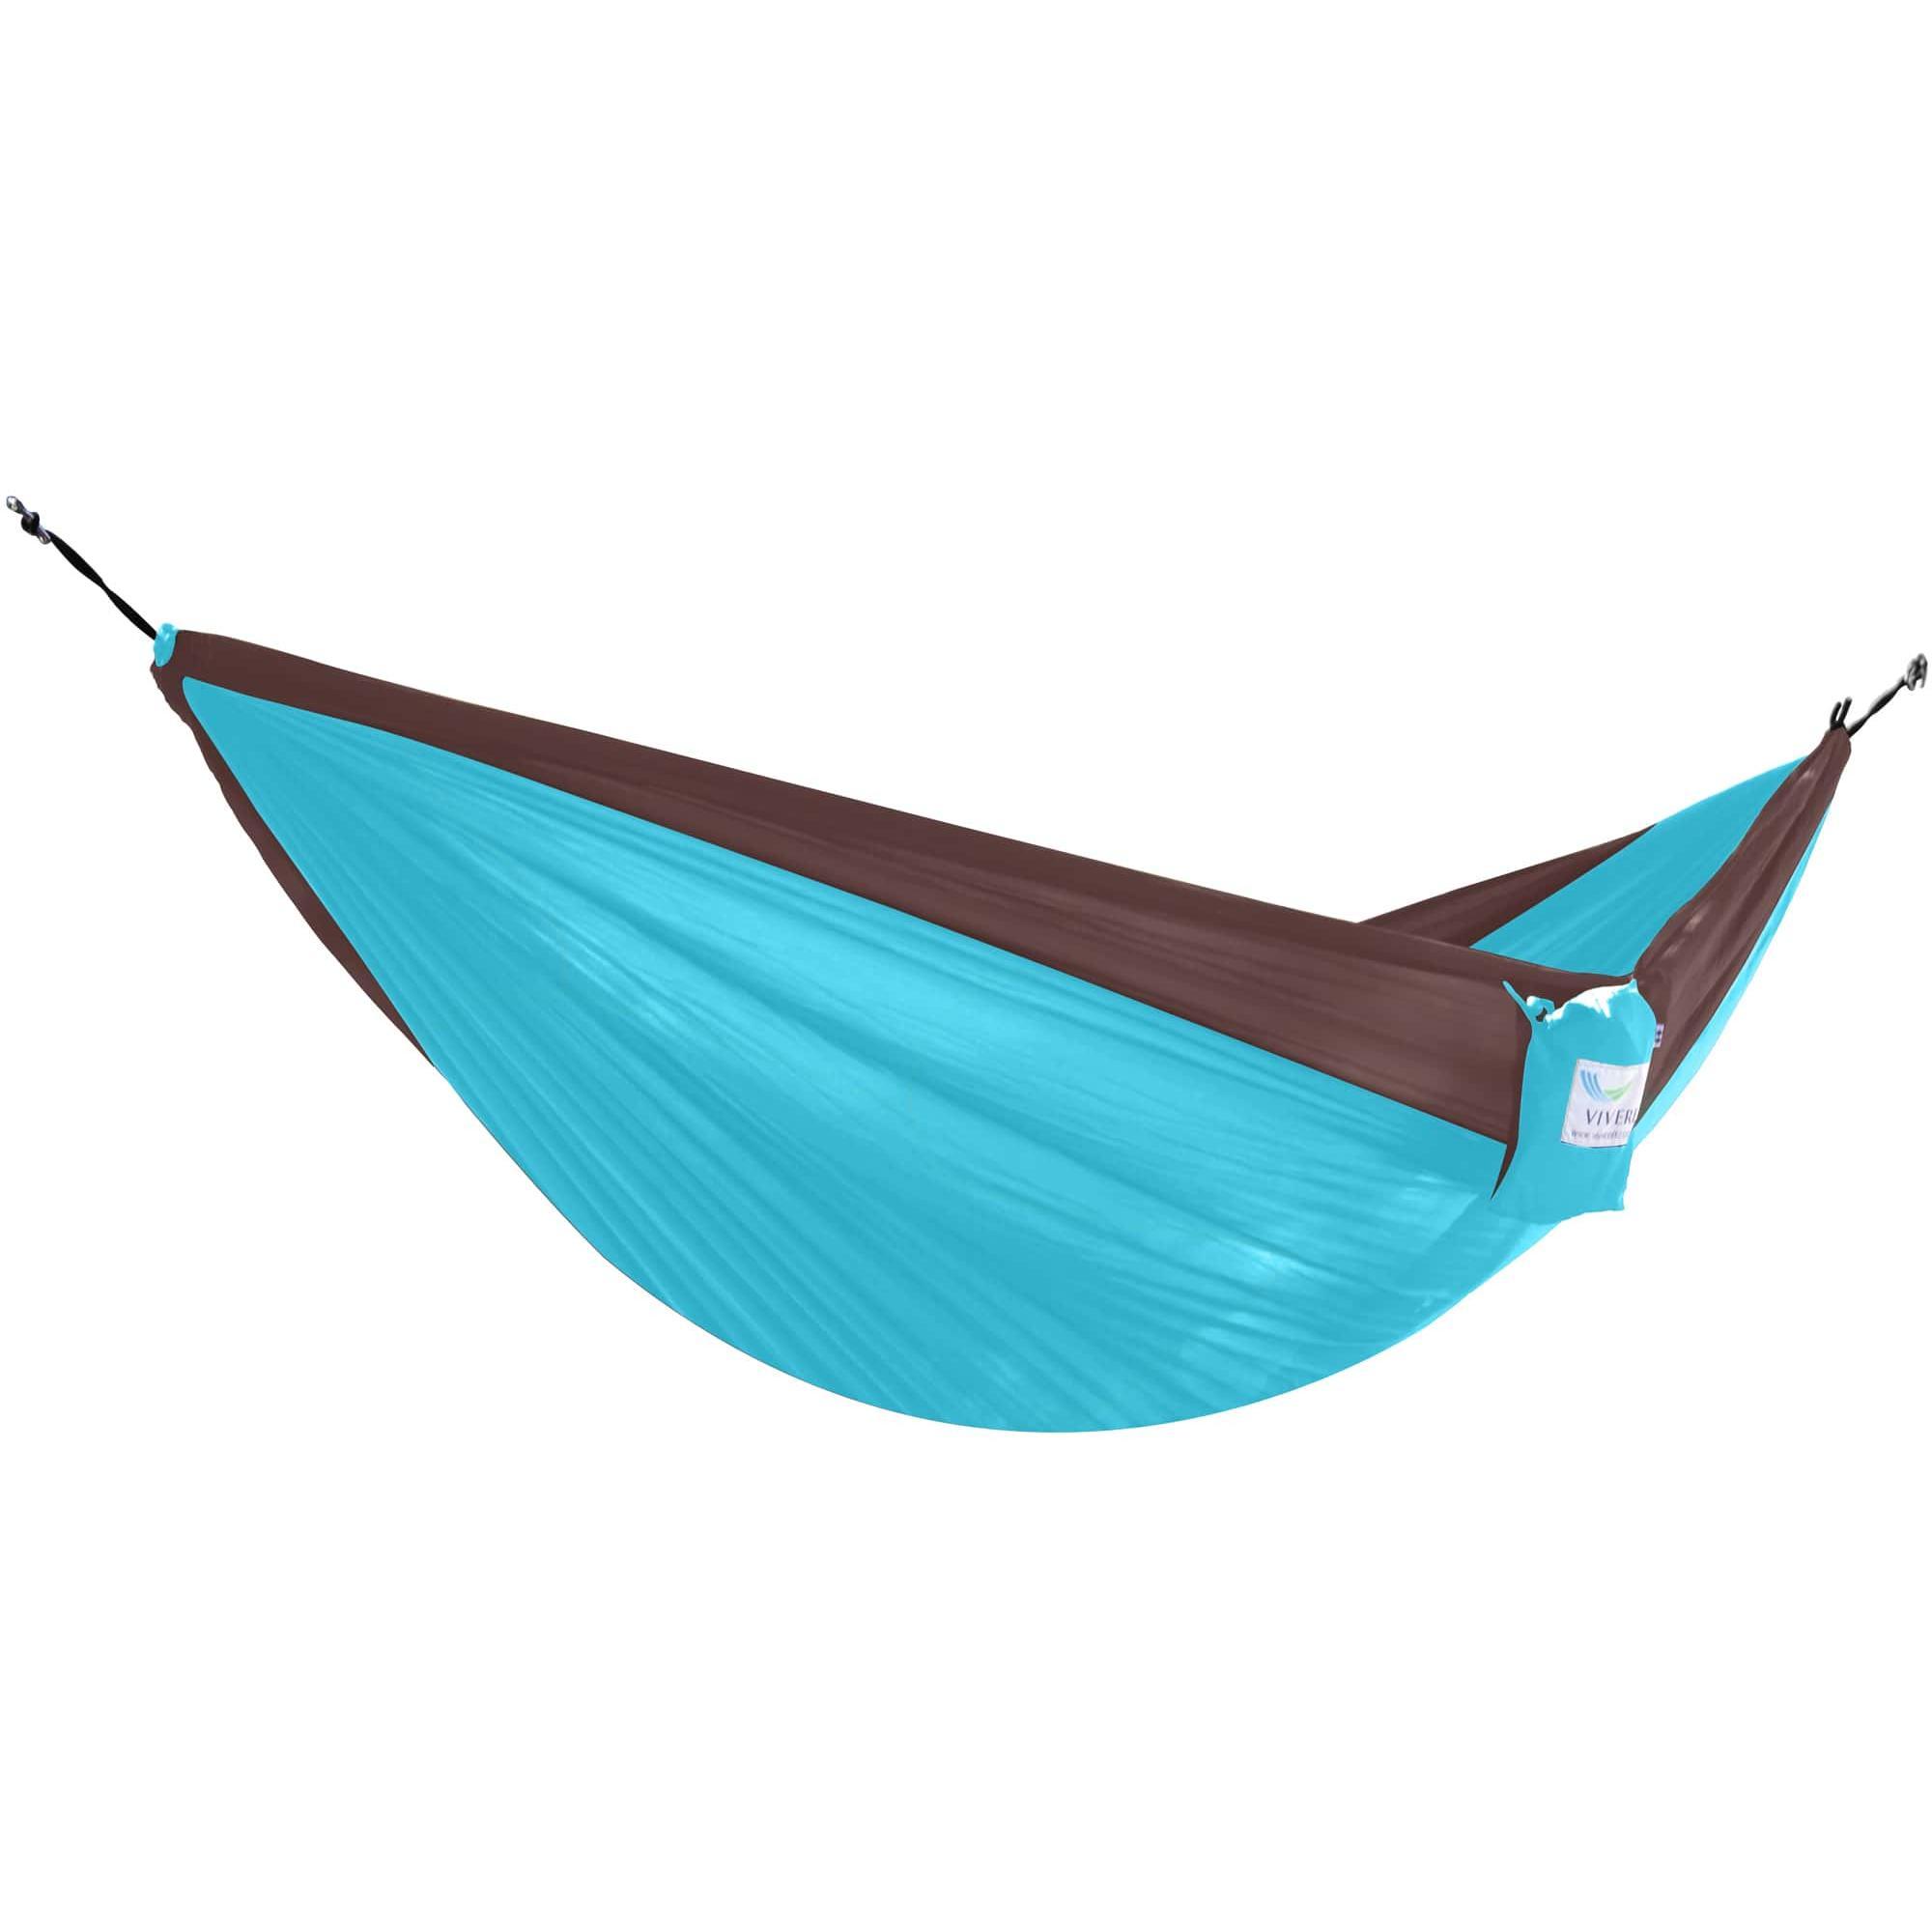 Parachute-Hammock-Double-ChocolateTurquoise featured image